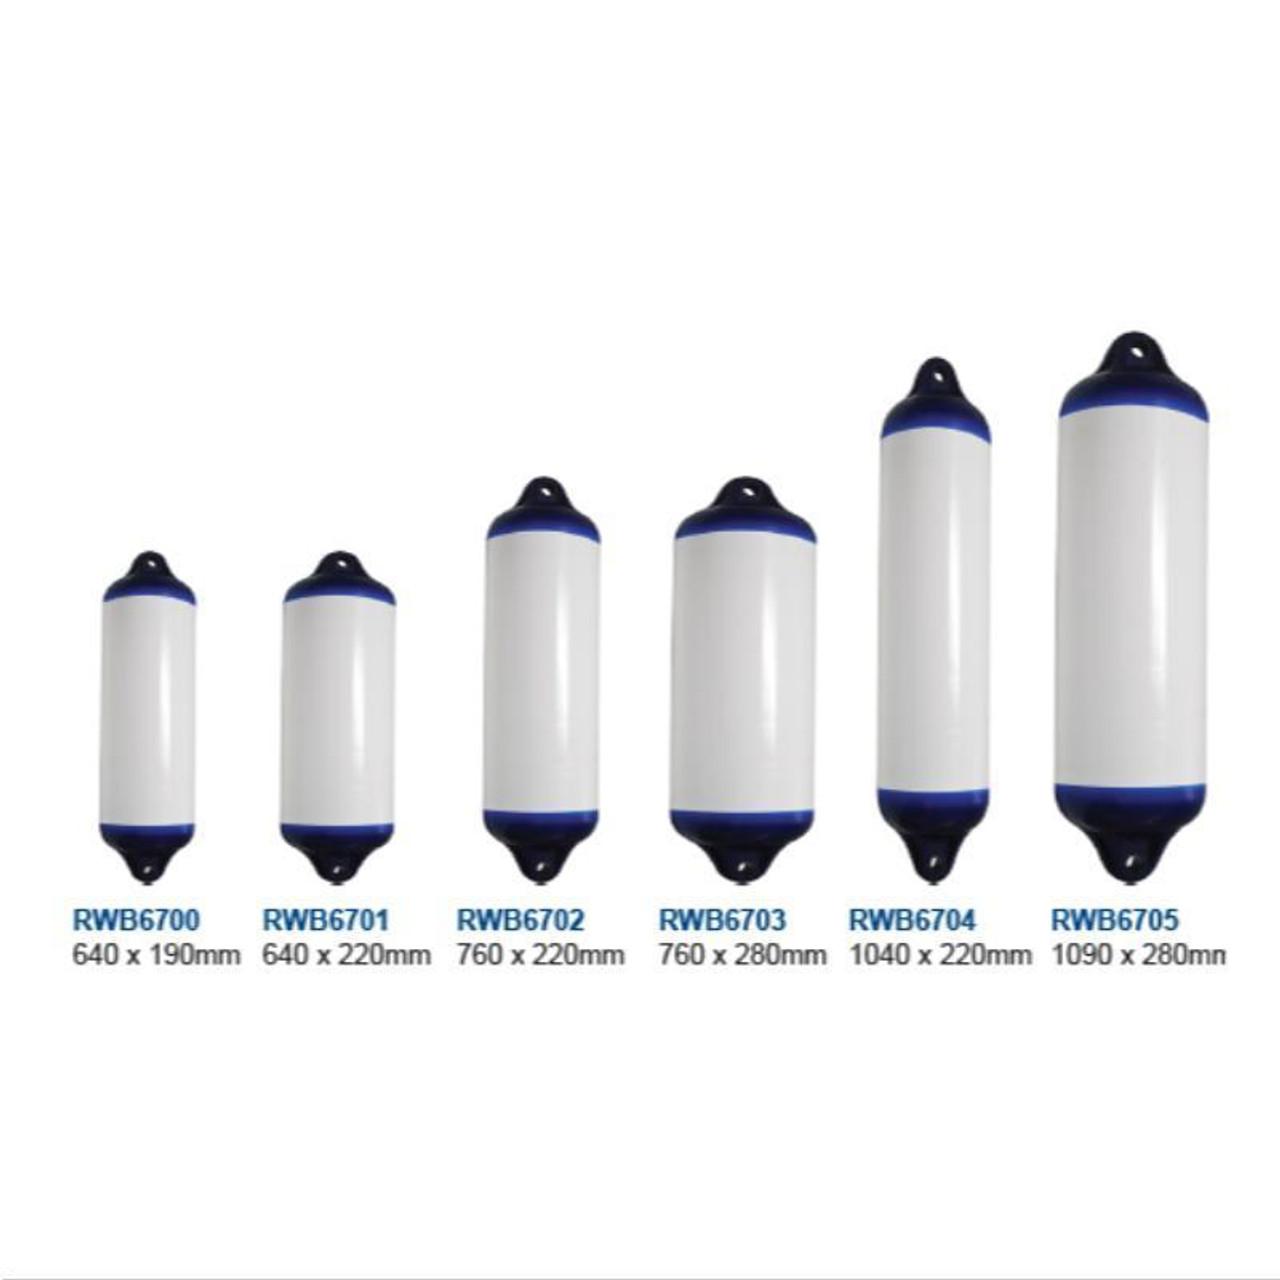 RWB Ocean Heavy Duty Fenders (RWB6700-RWB6705)